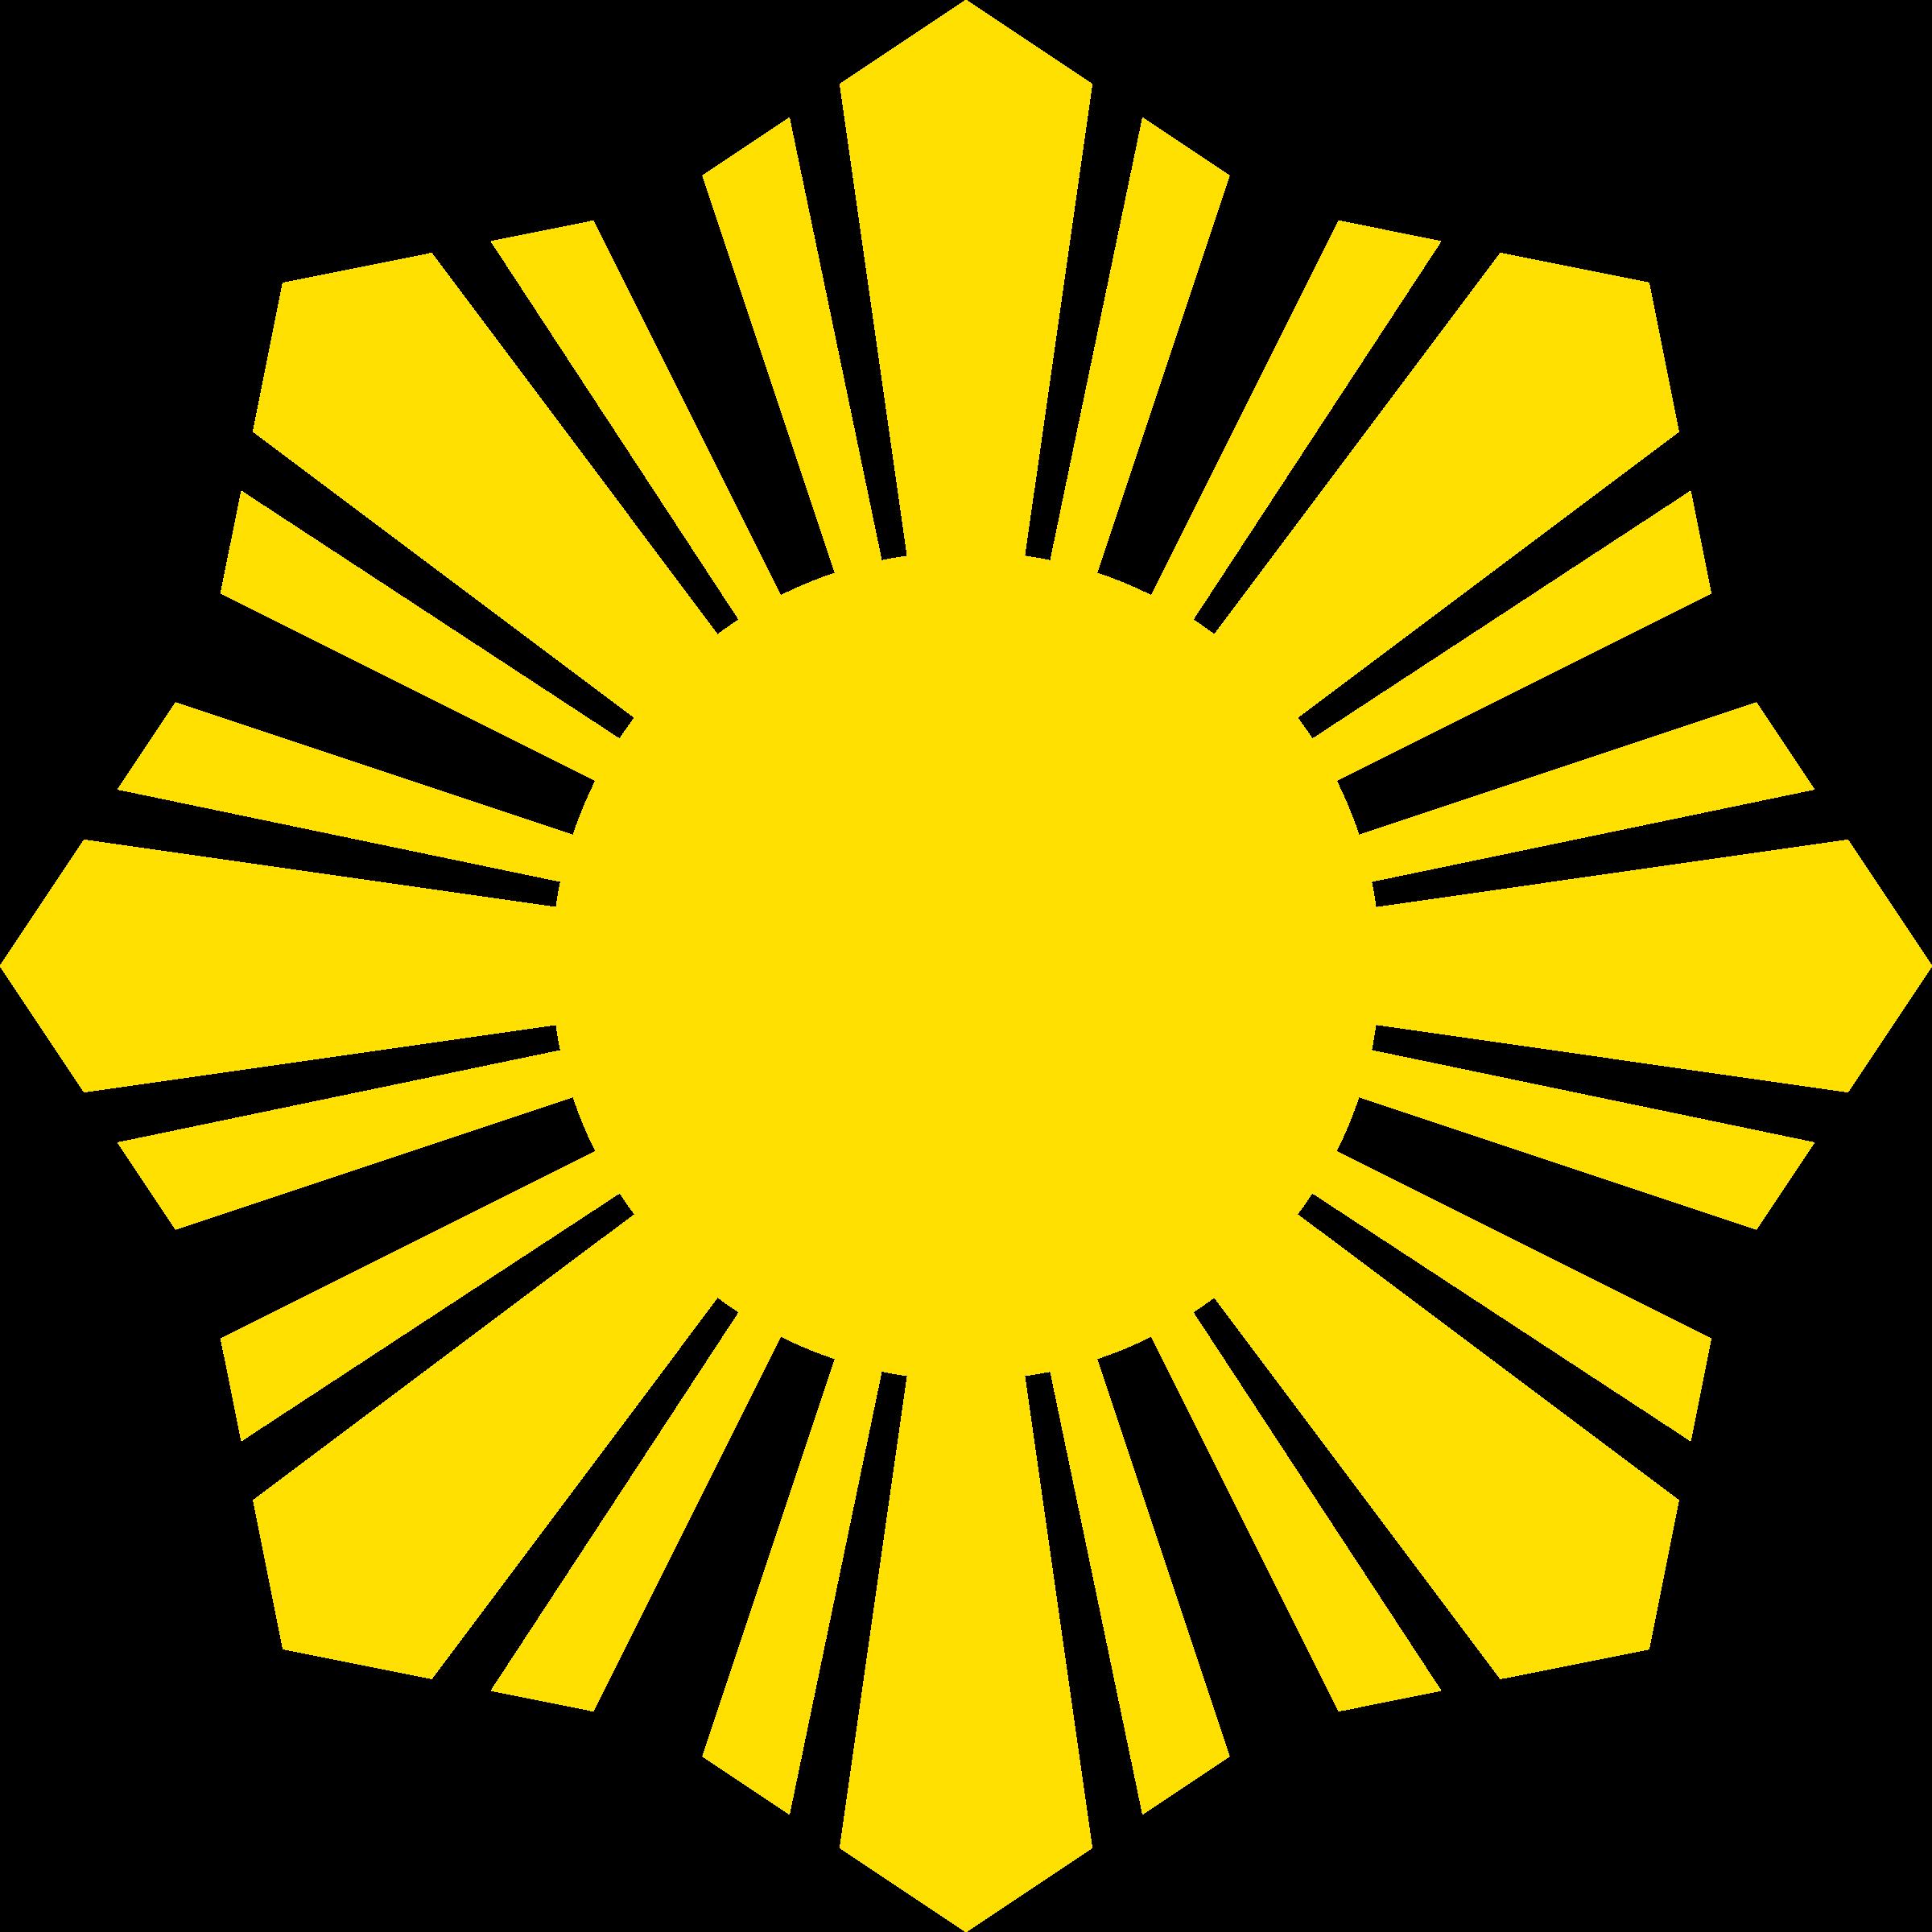 Sun Icons No